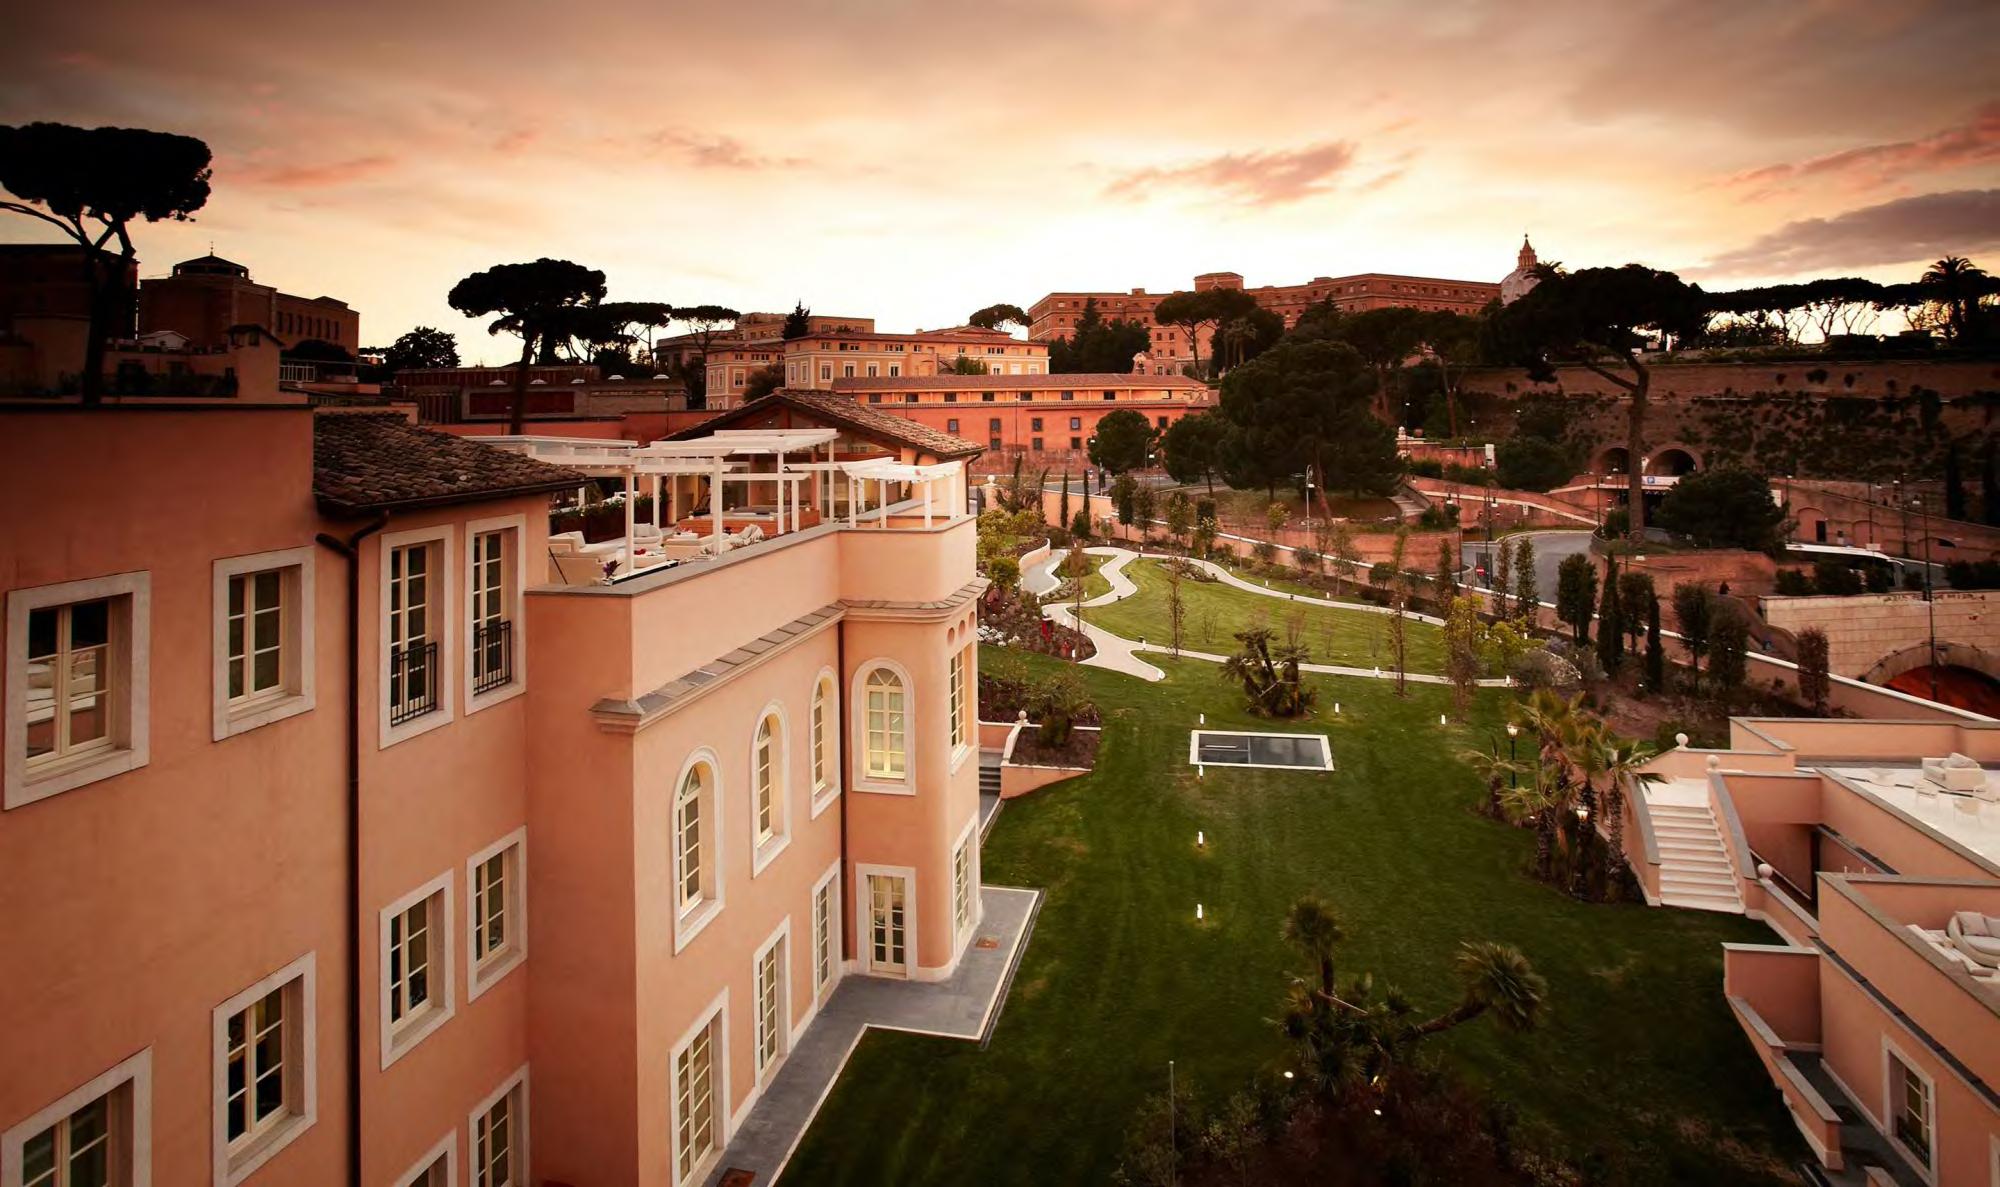 Villa Agrippina Gran Meliá, luna de miel en Roma, los mejores hoteles para luna de miel en Roma - Wedding Hub - 01